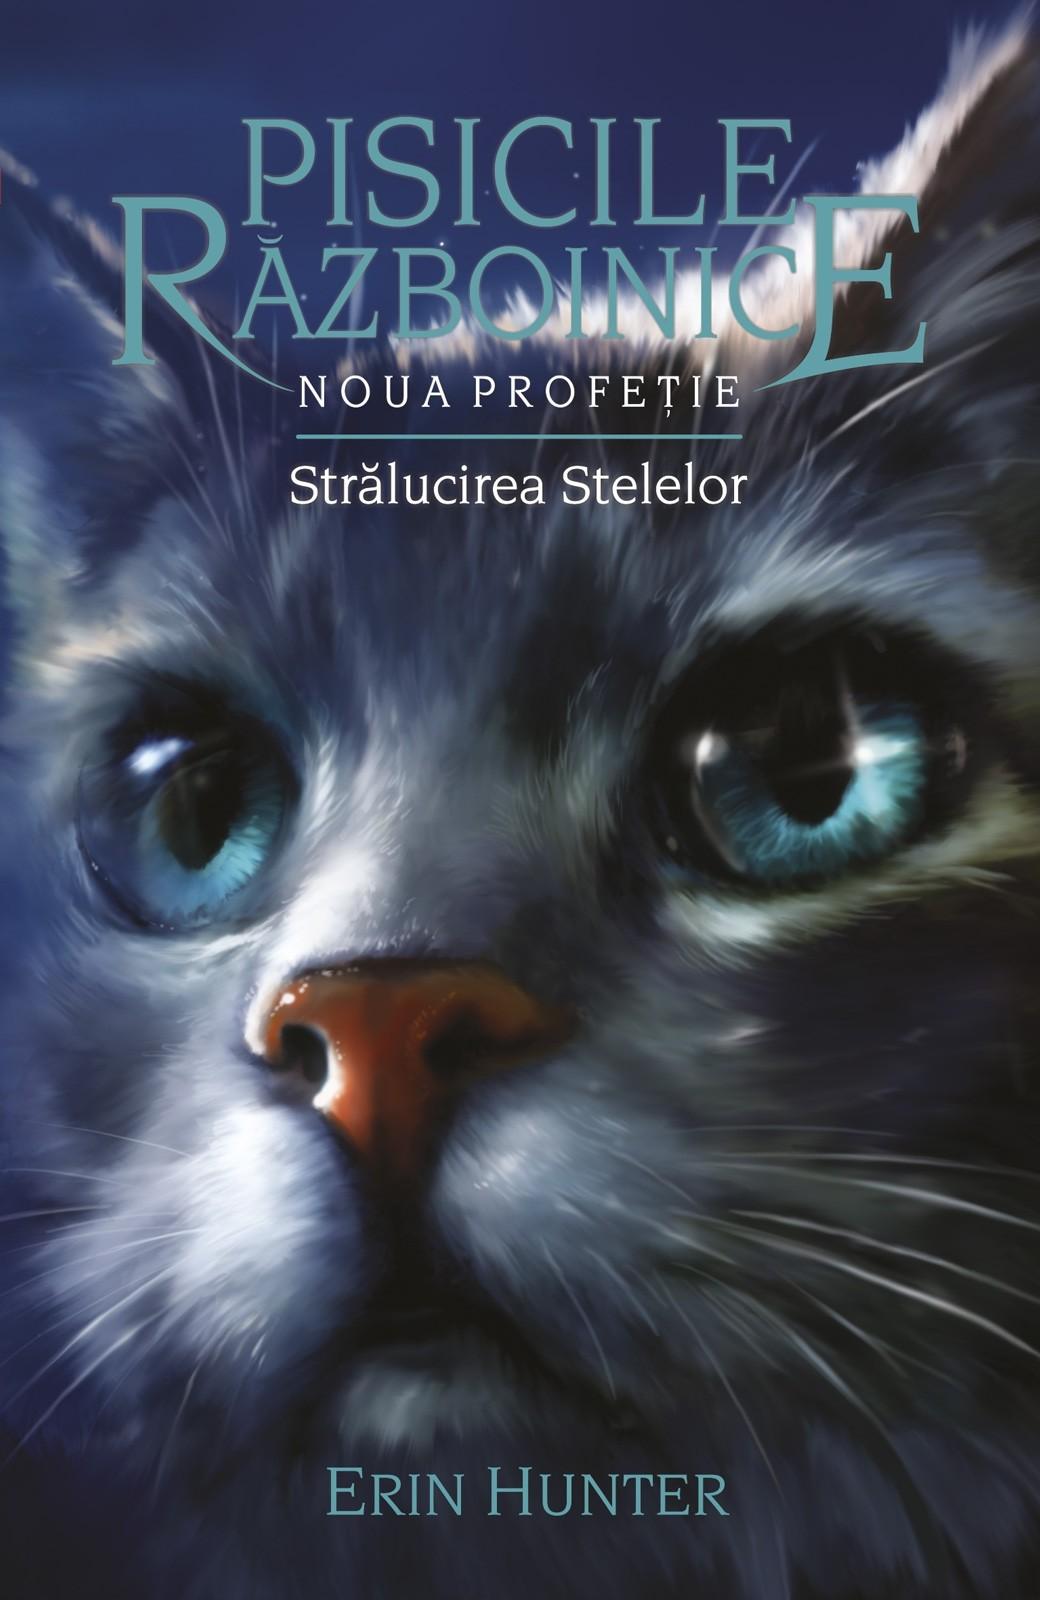 """Pisicile Razboinice vol. 10 – """"Stralucirea Stelelor"""""""